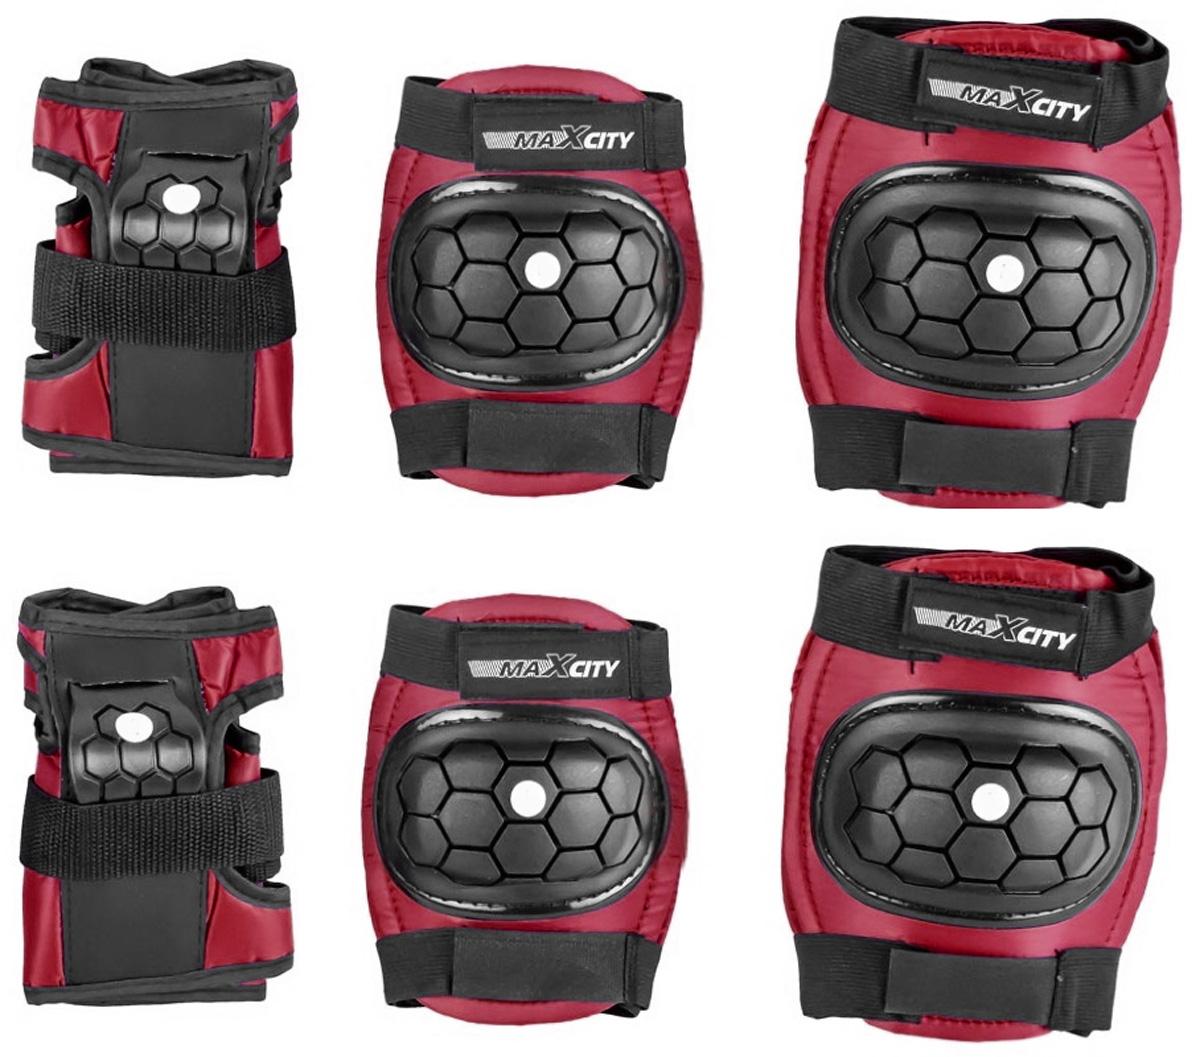 Защита роликовая MaxCity Match, цвет: красный, черный. Размер S2770960254116Защита роликовая MaxCity Match как нельзя лучше подойдет вашему ребенку. Защита предназначена для комфортного и безопасного катания на роликовых коньках. Состоит из налокотников, наколенников и защиты запястий. Каждый из этих элементов выполнен из качественных материалов, жестких снаружи и эластичных внутри. Двухкомпонентная система с внутренними вставками из этилвинилацетата поглощает энергию удара, снимает нагрузку с суставов и, таким образом, снижает риск получения травмы. Отличная подгонка достигается за счет анатомической формы и использования эластичных материалов. Защита комфортна при ношении, так как материал принимает форму руки или ноги. Размер наколенников: 12,5 х 12 х 3 см. Размер налокотников: 14,5 х 11 х 3 см. Размер защиты запястья: 13,5 х 8 х 5 см.